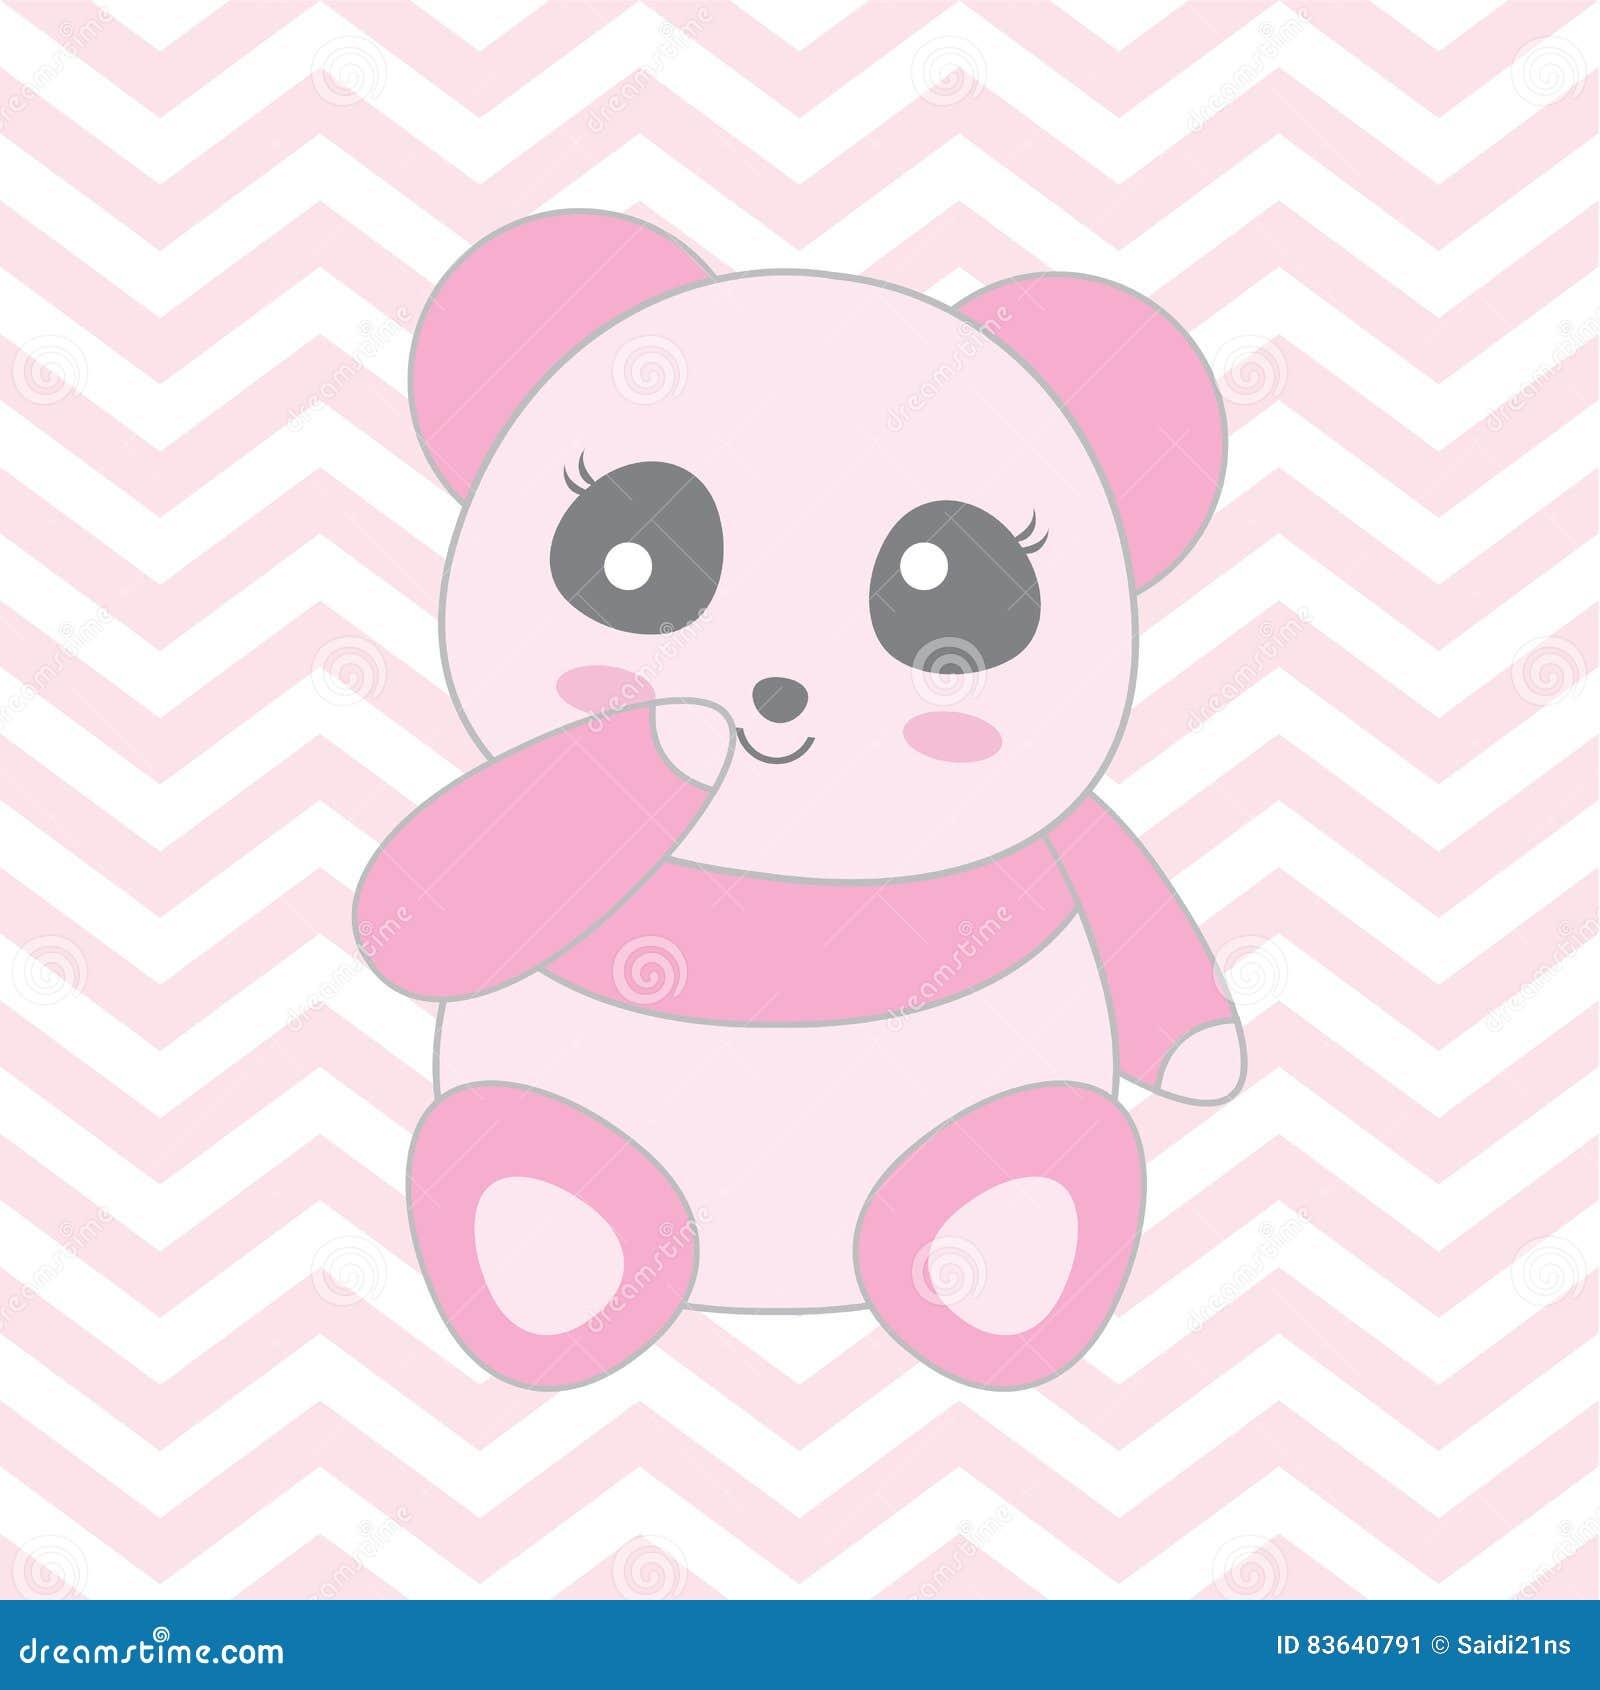 Galeri Gambar Kartun Panda Pink  af4d8091ea